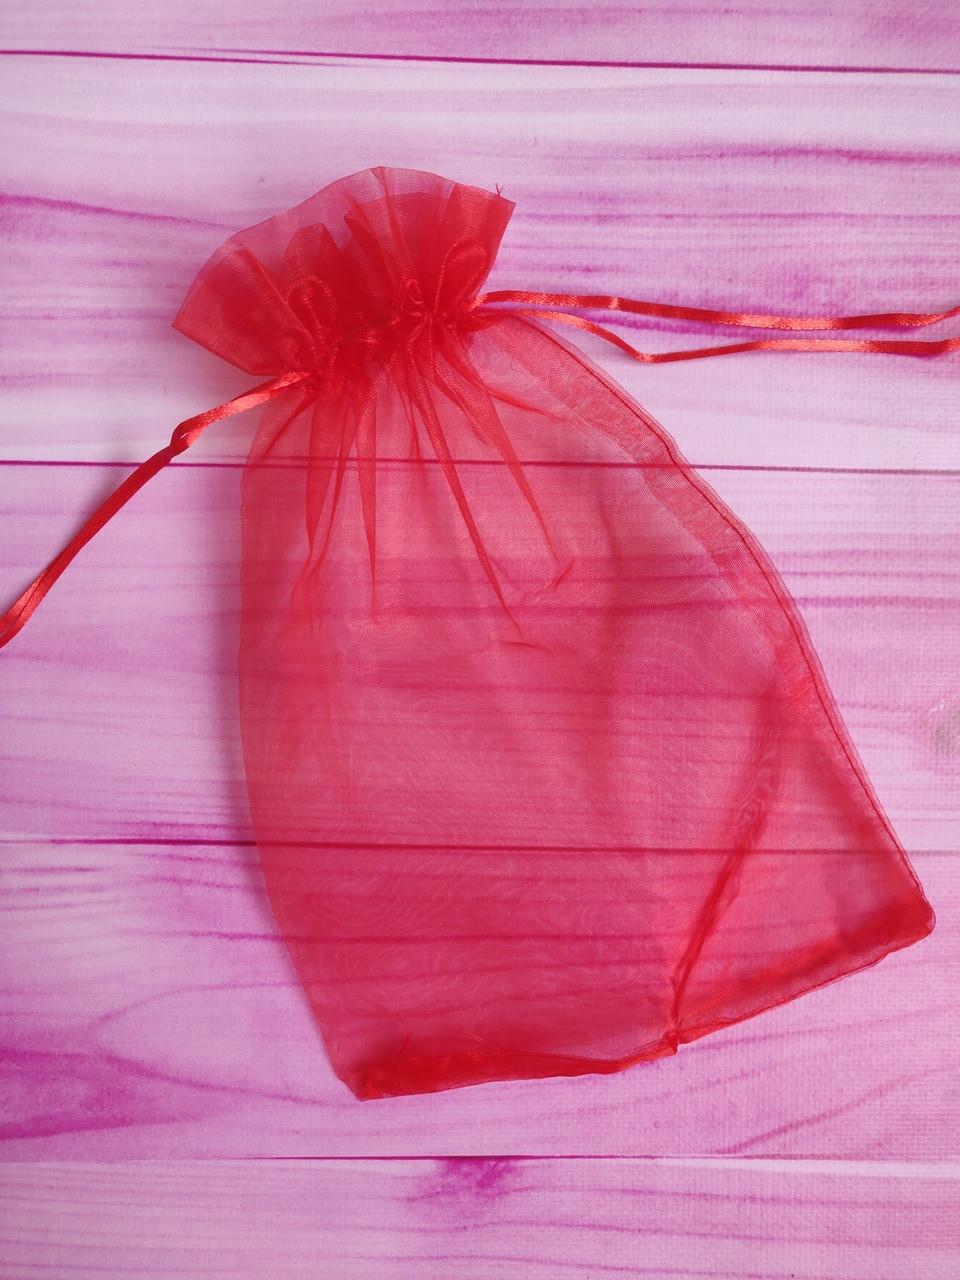 Мешочек из органзы /размер 20х30 см./ упаковка подарков/ цвет красный